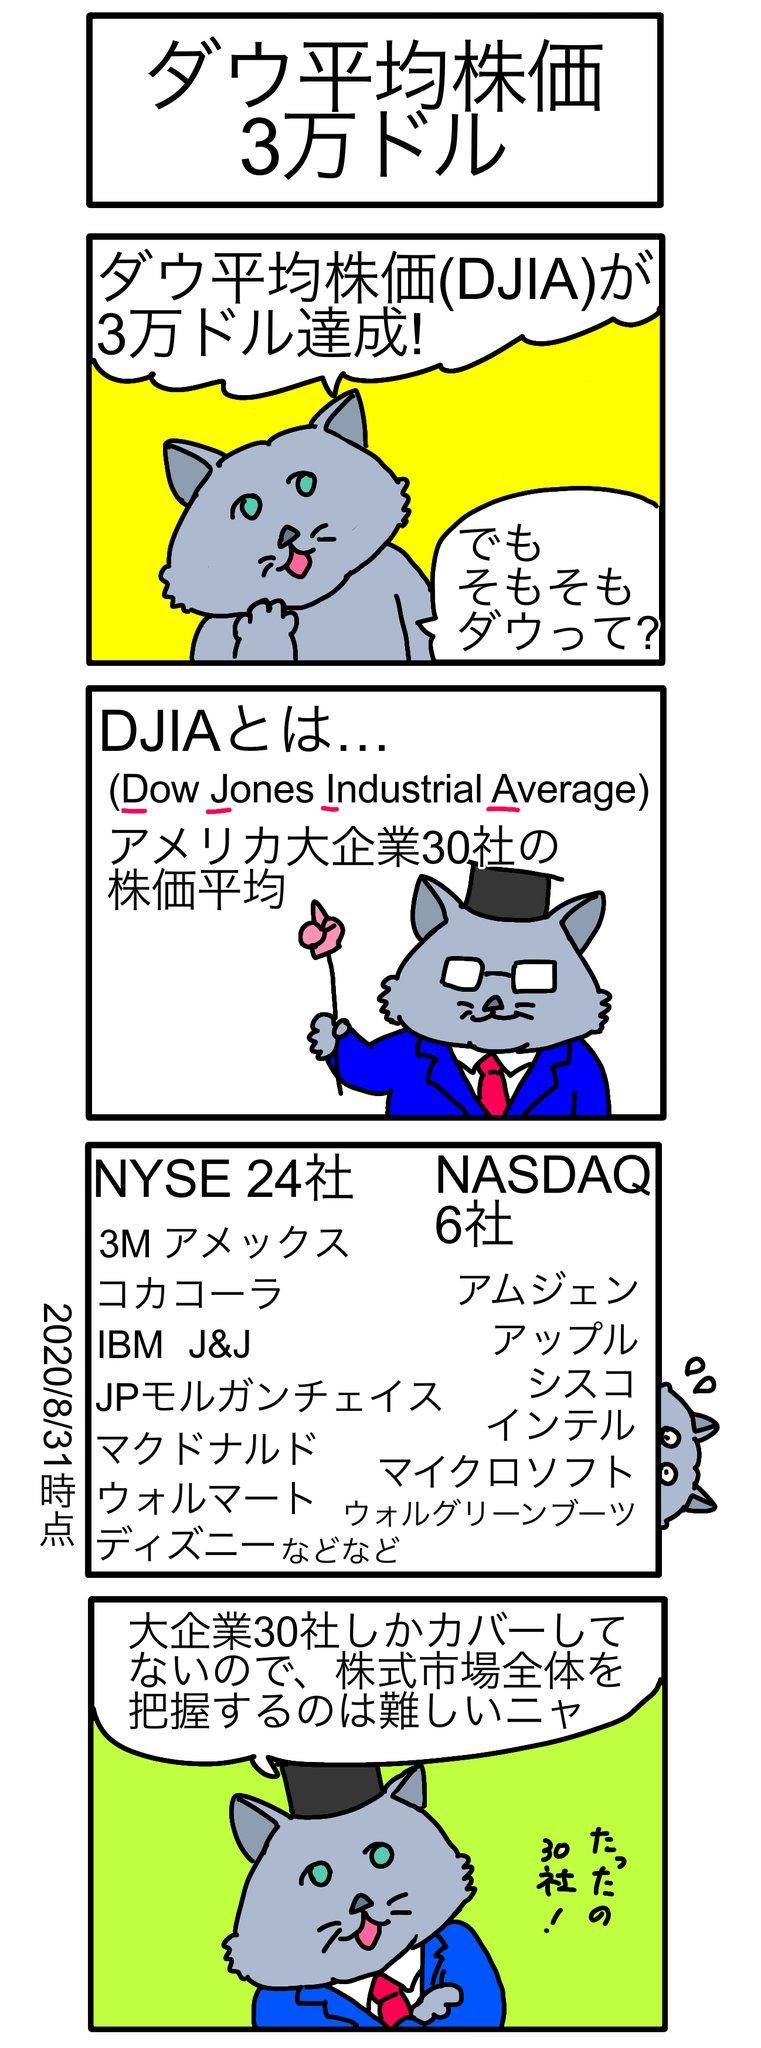 株価 アメリカ ディズニー